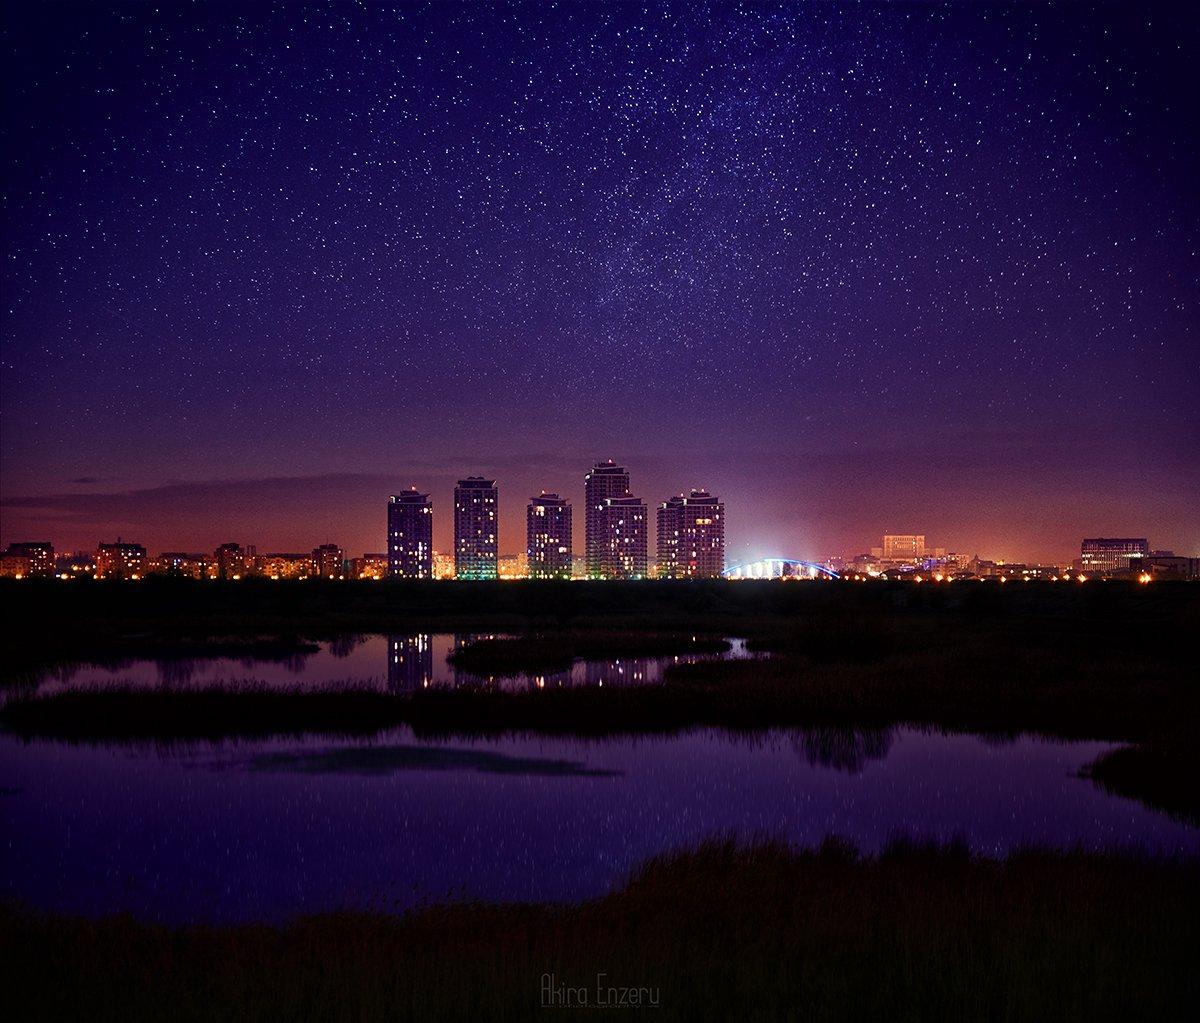 night, landscape,, Akira Enzeru